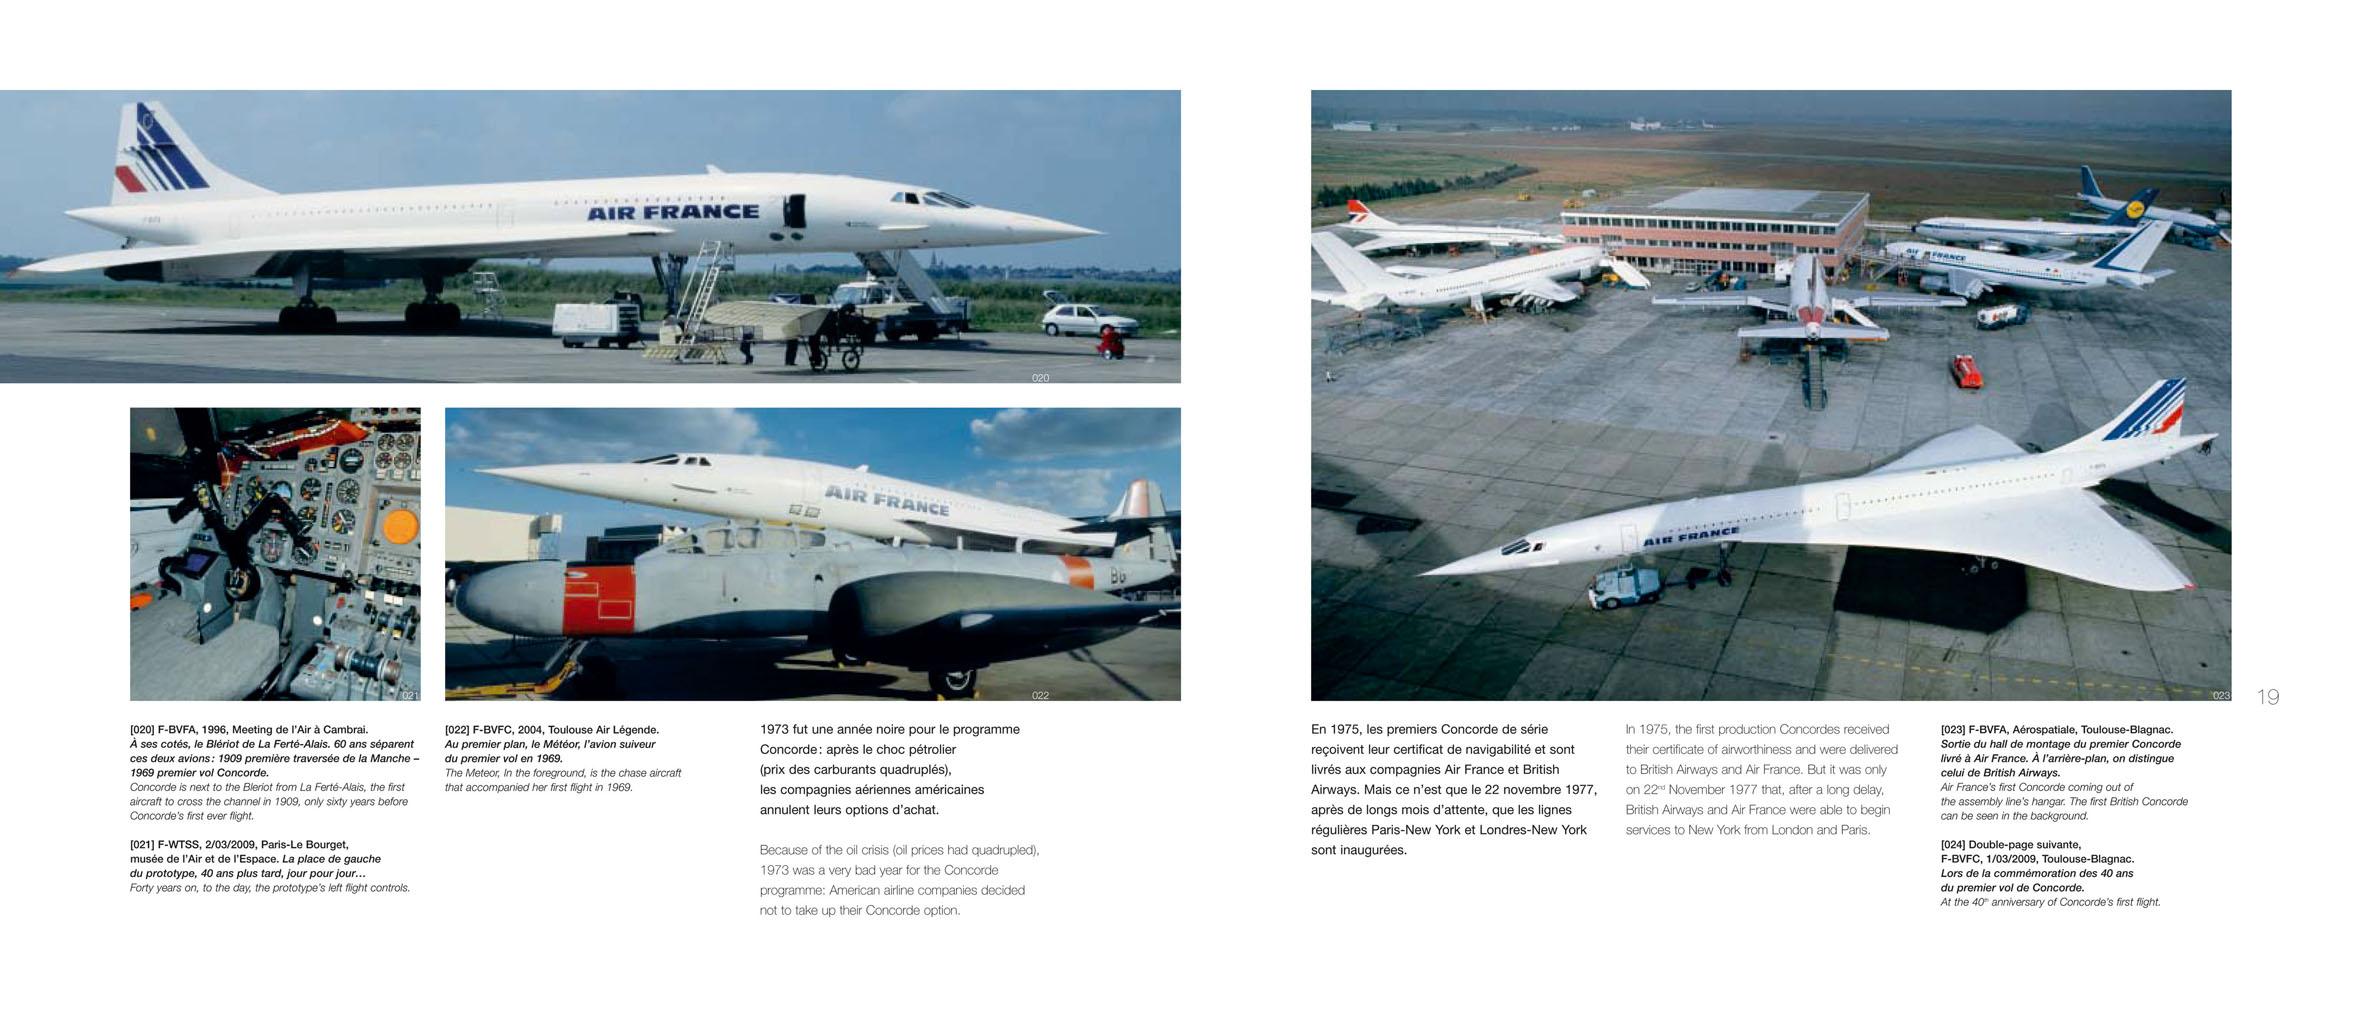 Preview Concorde Passion